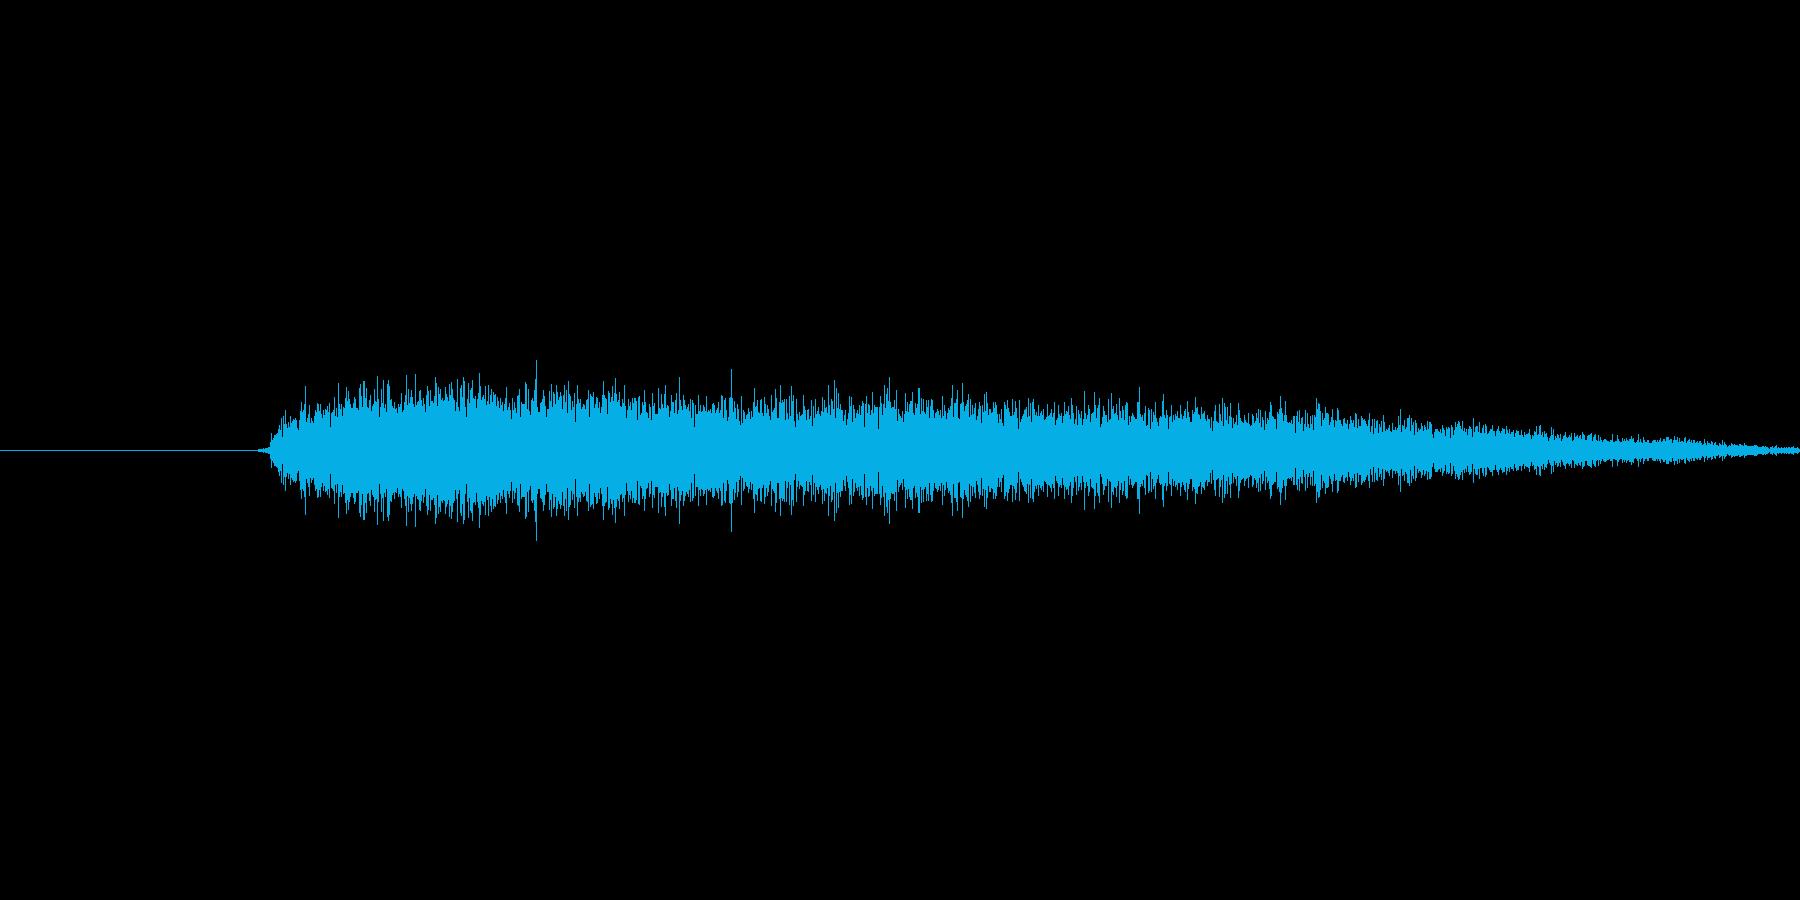 プシュッ(蒸気が漏れる音)の再生済みの波形